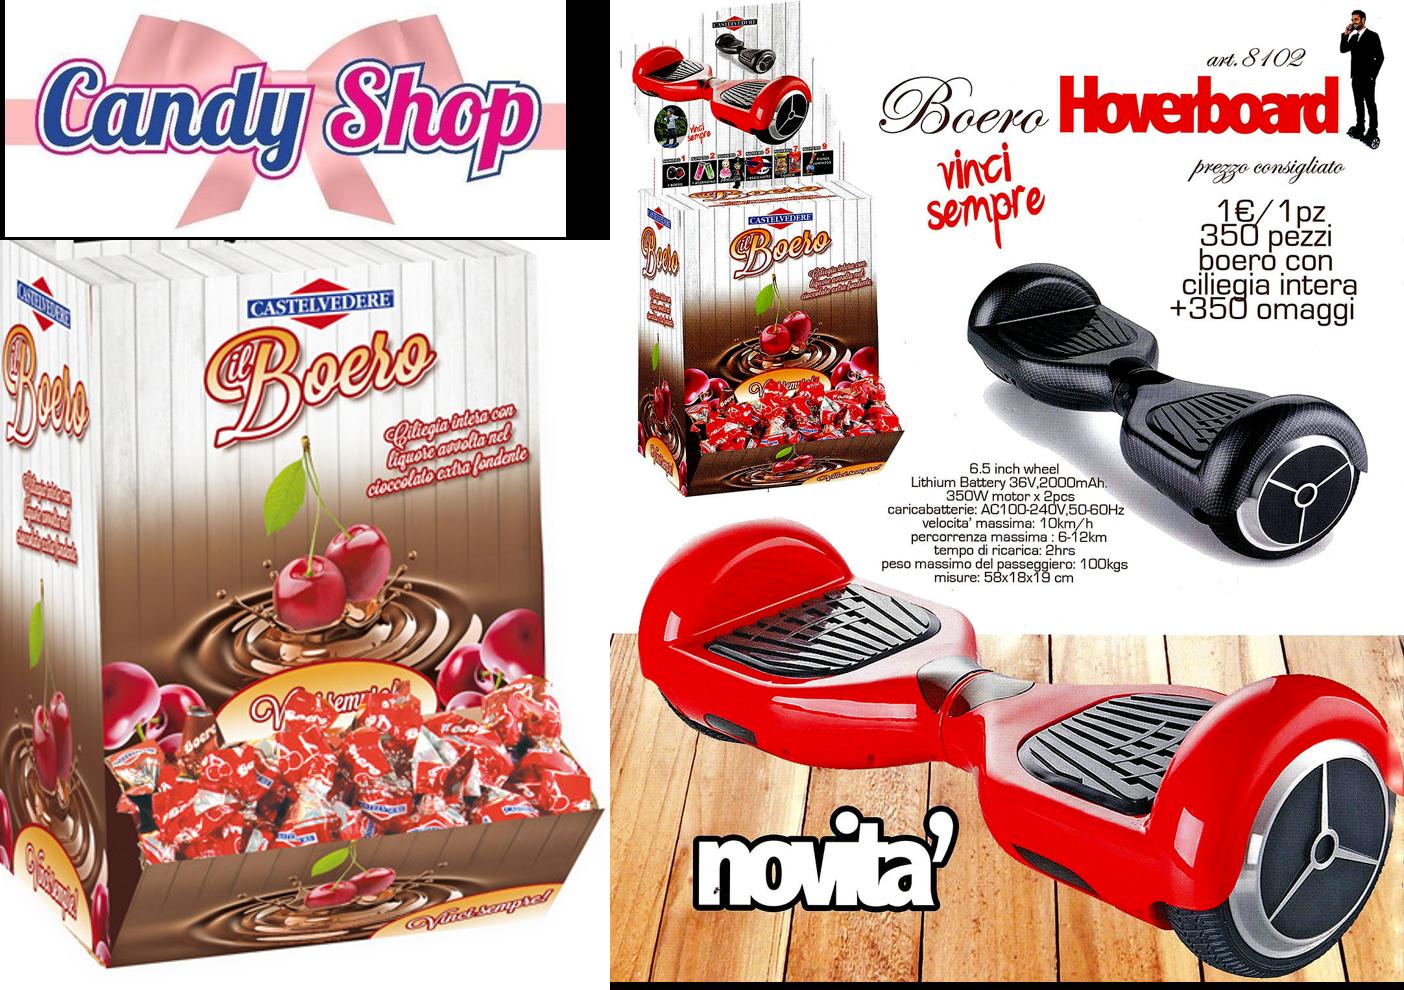 Cioccolatini BOERO - Candy Shop Torino